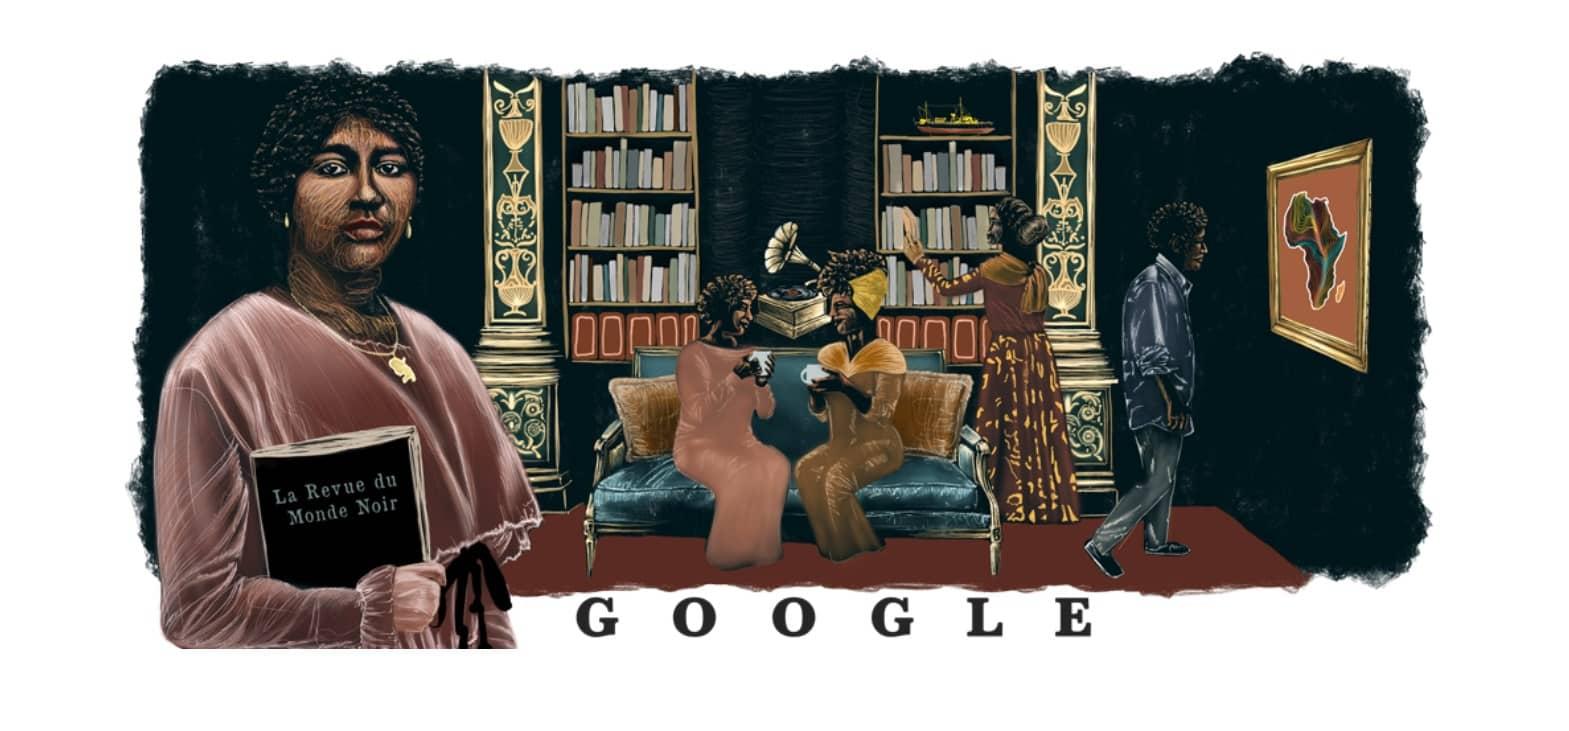 Doodle Google Paulette Nardal « La Revue du Monde Noir »